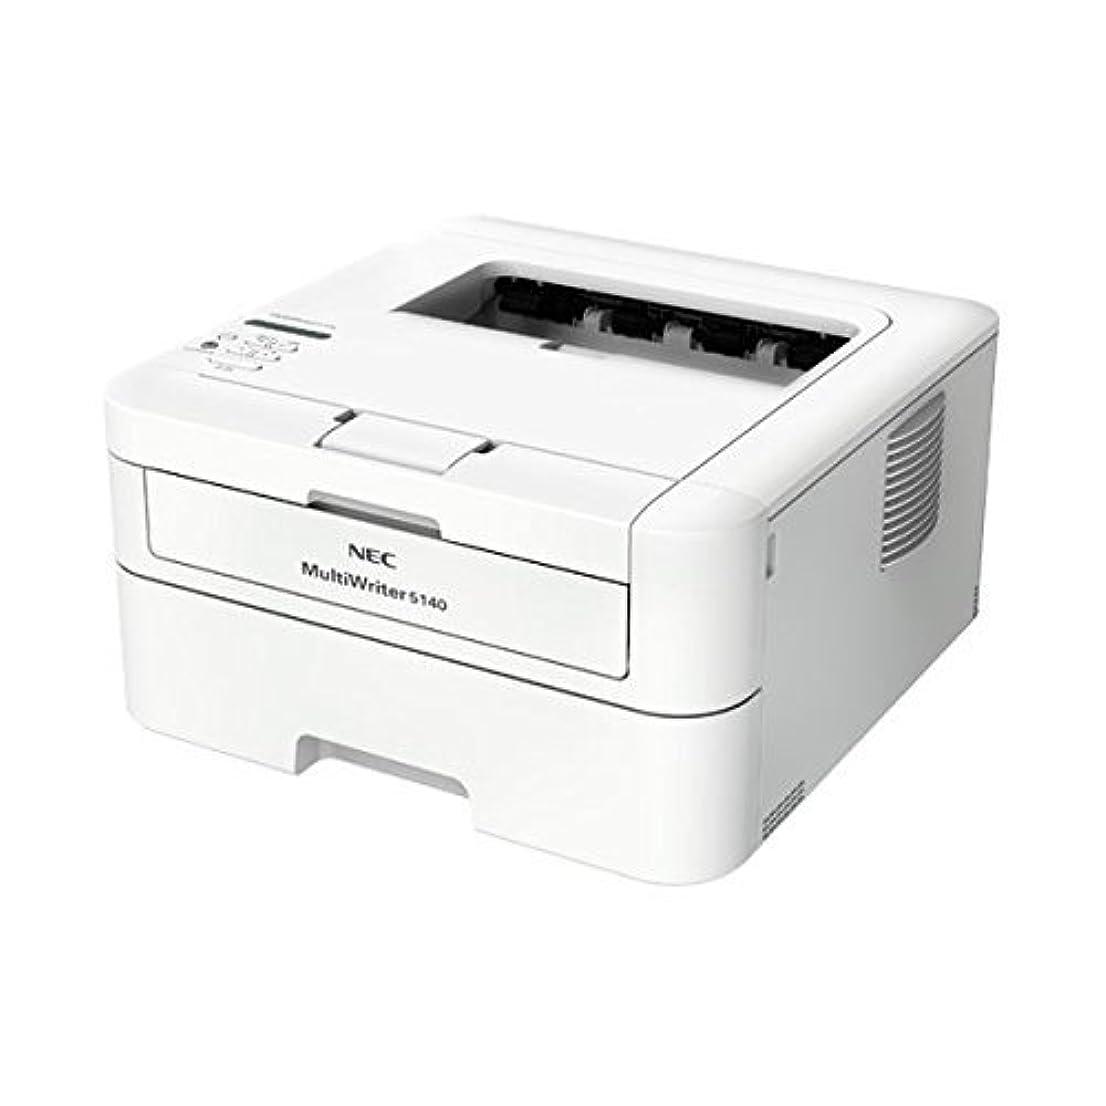 ジュースエキス組み込むbrother A4モノクロレーザープリンター (40PPM/両面印刷/有線?無線LAN) HL-L5200DW